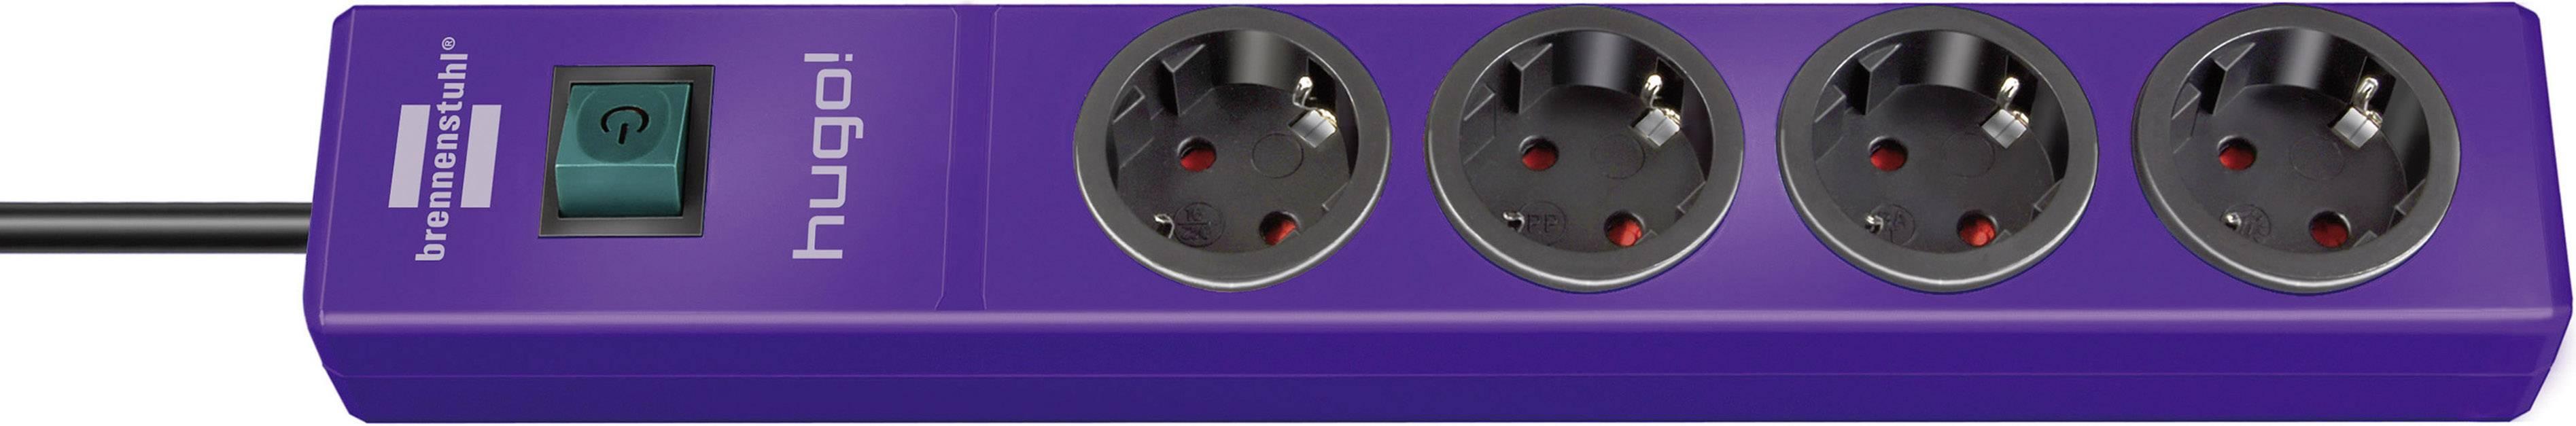 Zásuvková lišta so spínačom Brennenstuhl Hugo!, 1150610134, 4 zásuvky, 35 cm, fialová